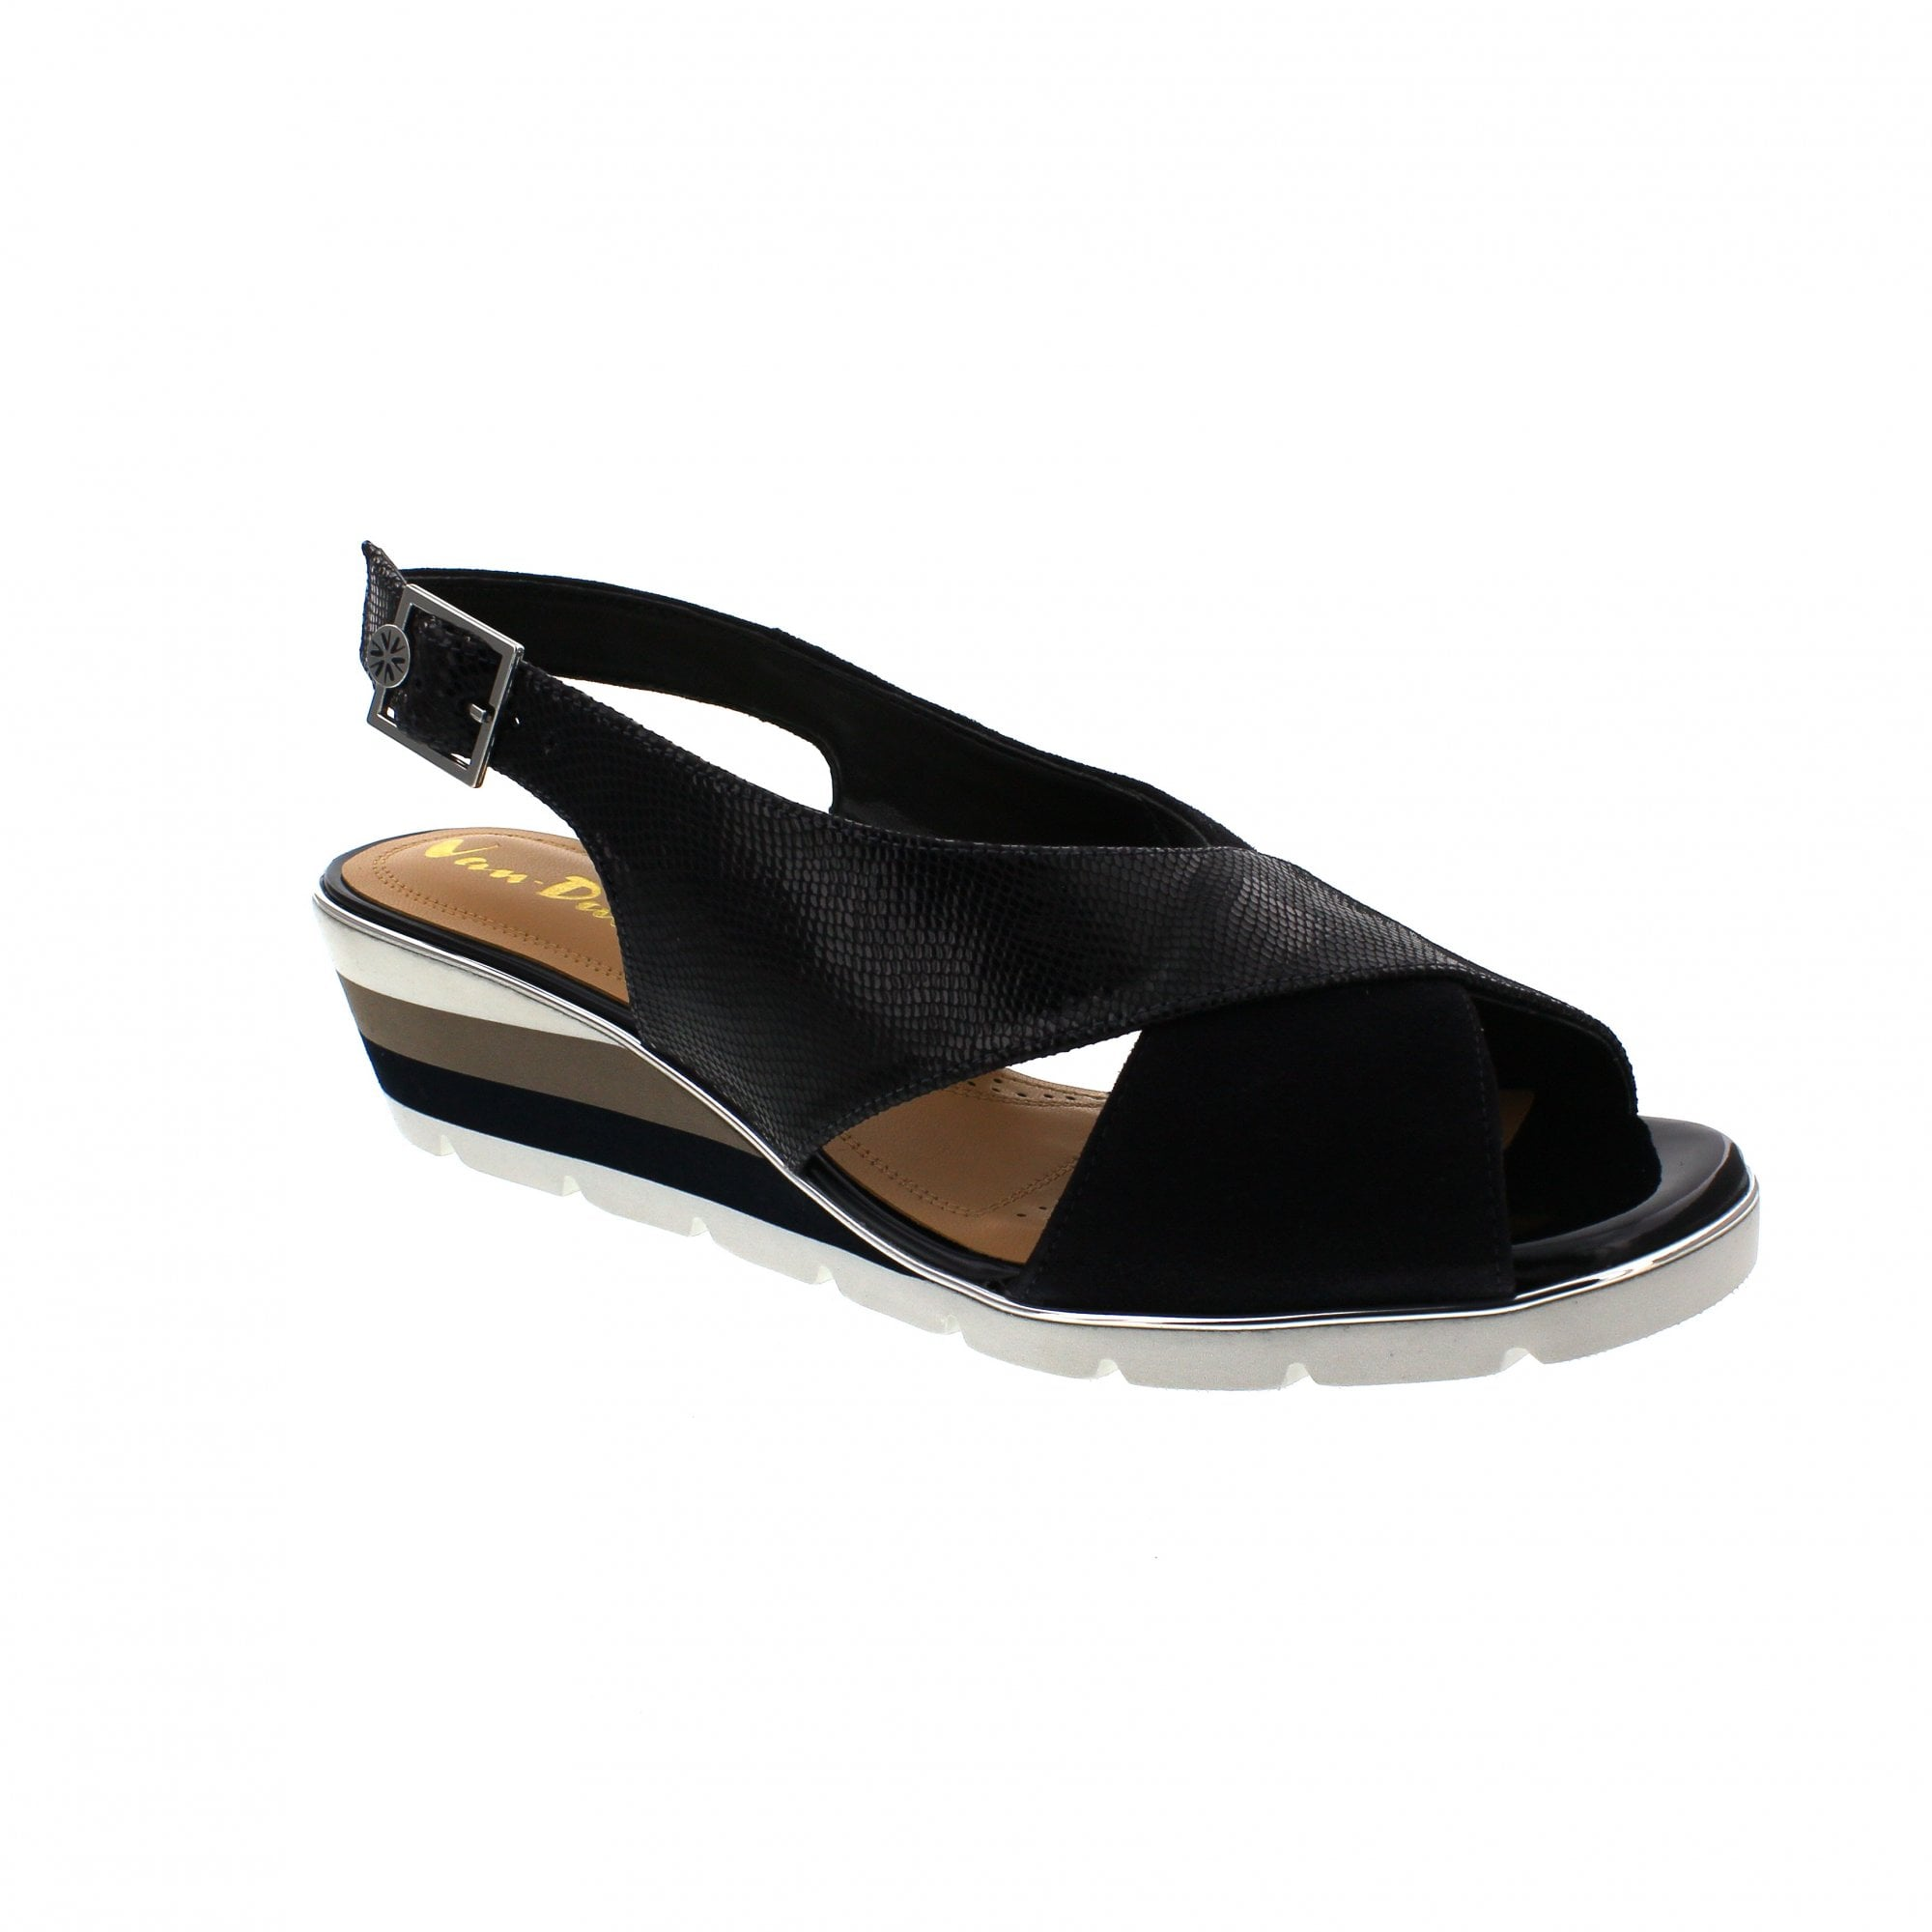 aac749fde0 Van Dal Madras 2856430 Sandals